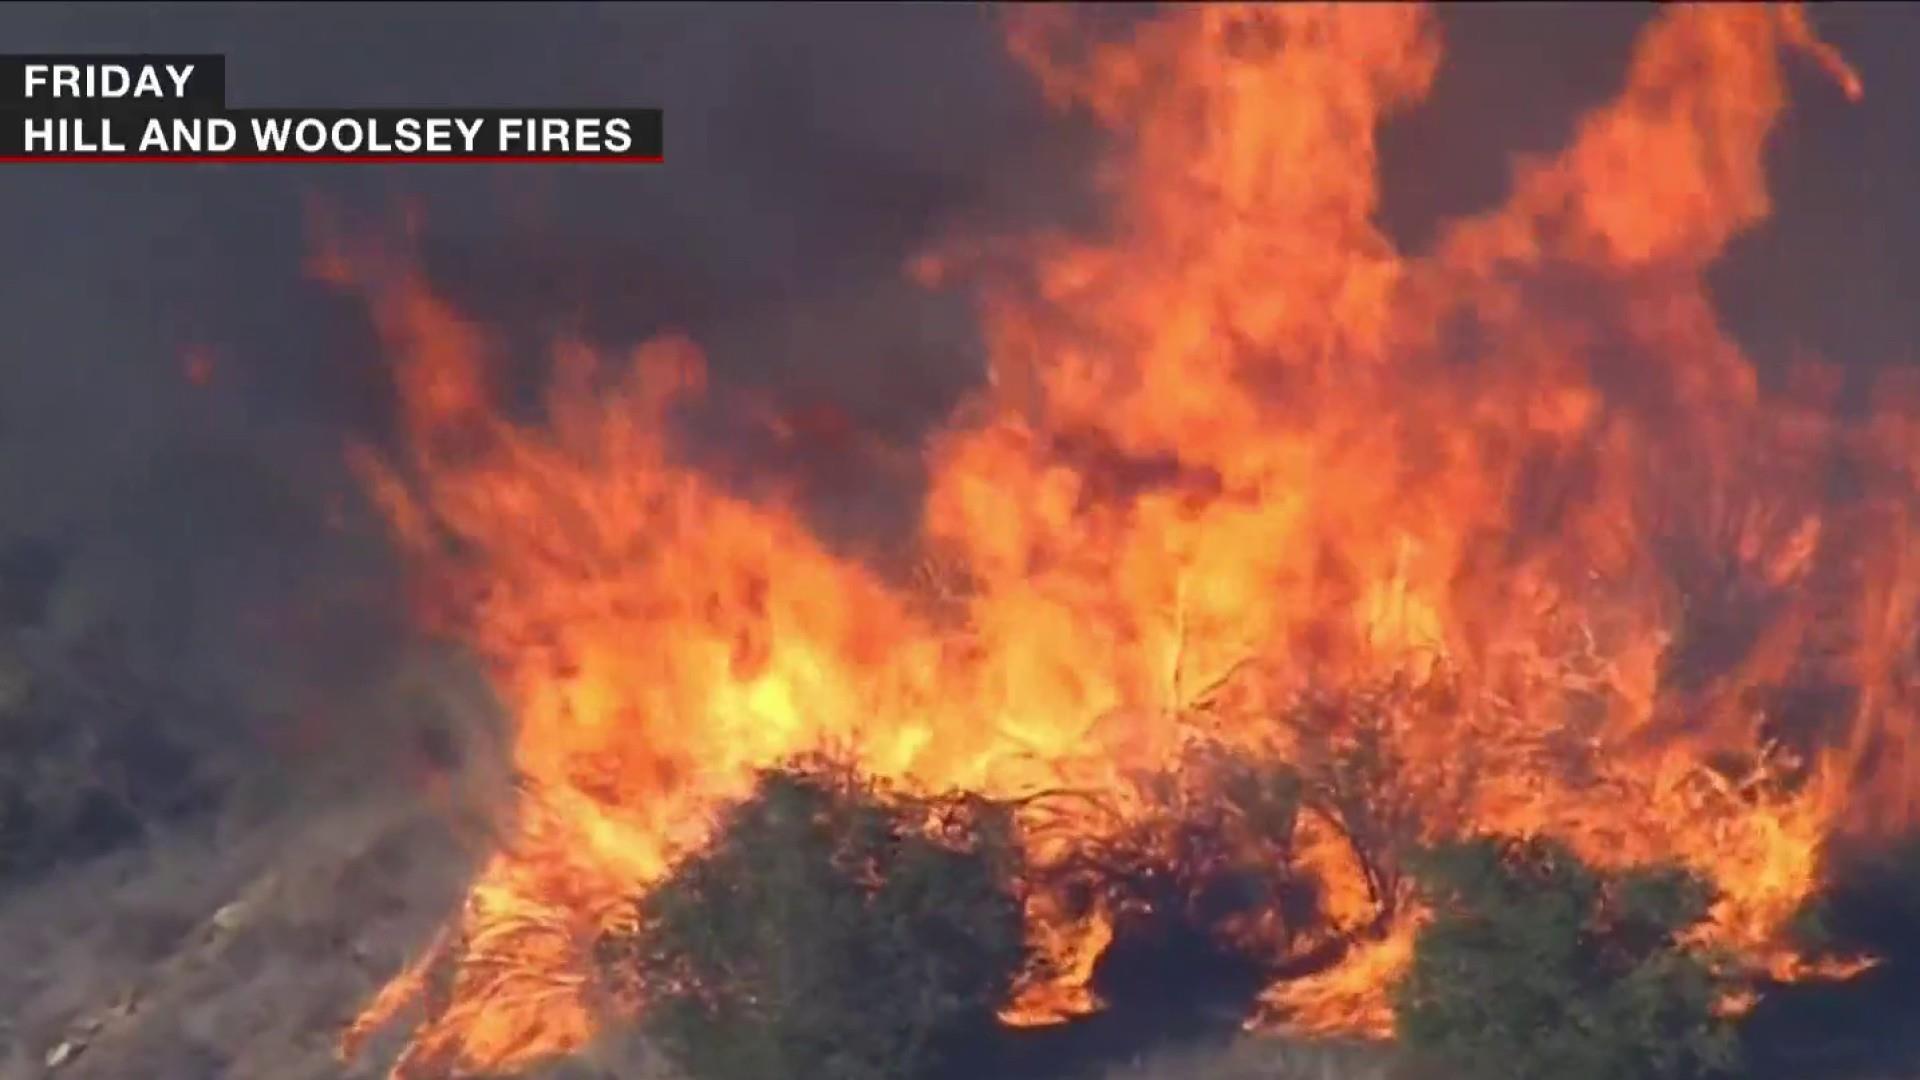 Trump blames fire deaths on 'gross mismanagement'